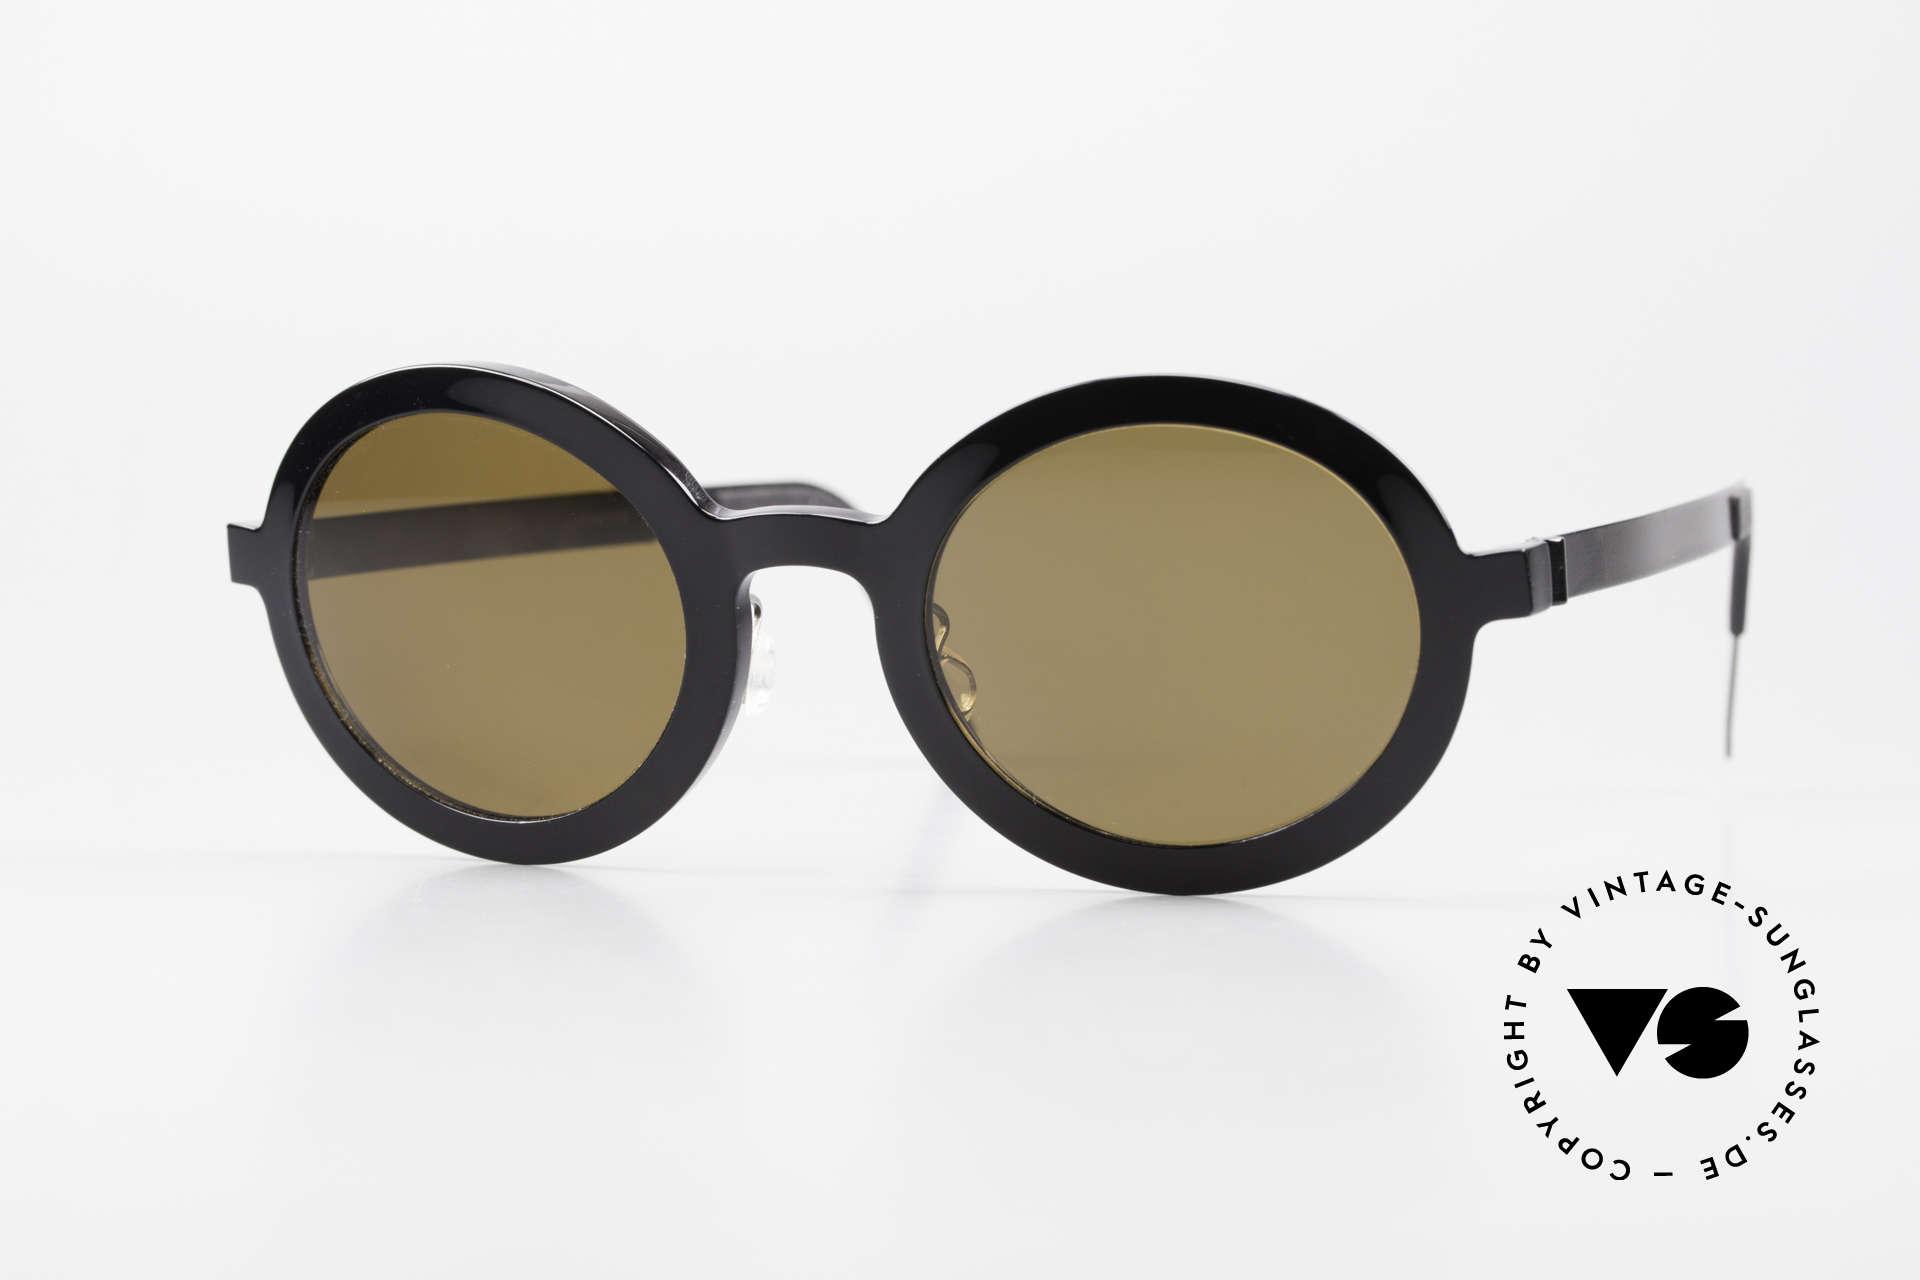 Lindberg 8570 Acetanium Runde Sonnenbrille Unisex Oval, LINDBERG Acetanium Sonnenbrille in Größe 46-23, 135, Passend für Herren und Damen